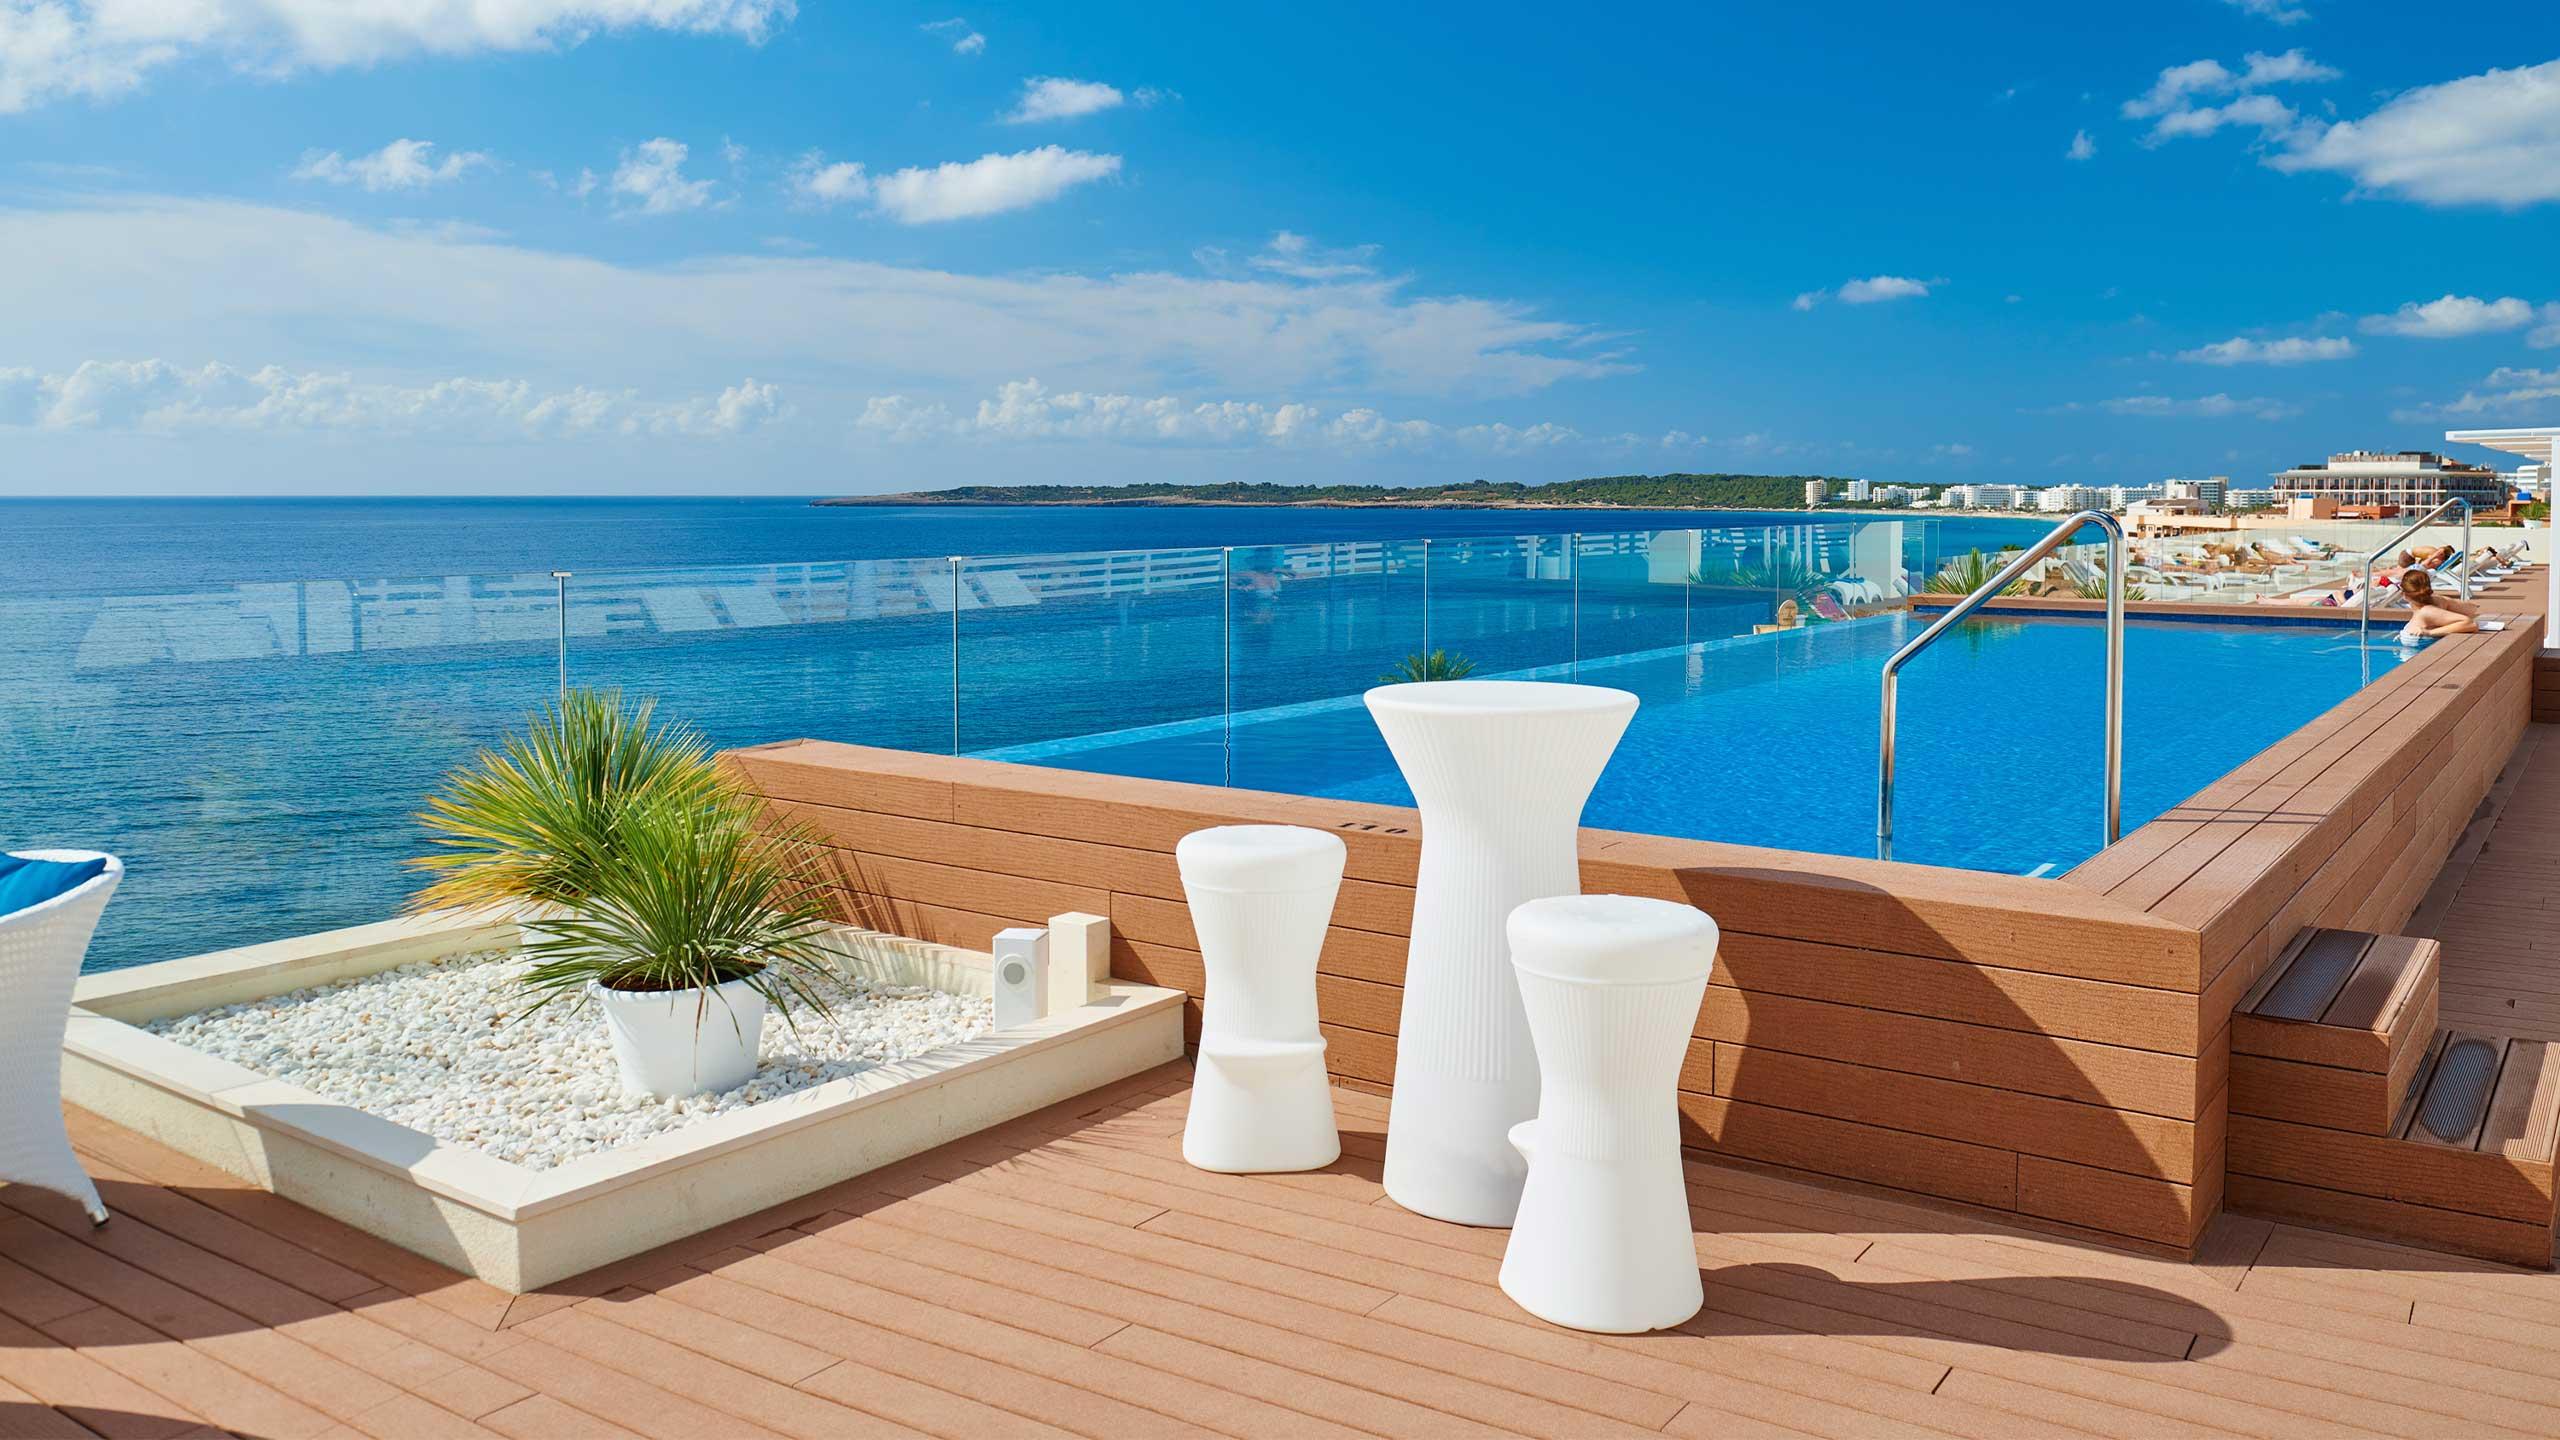 Protur Alicia Hotel Mallorca